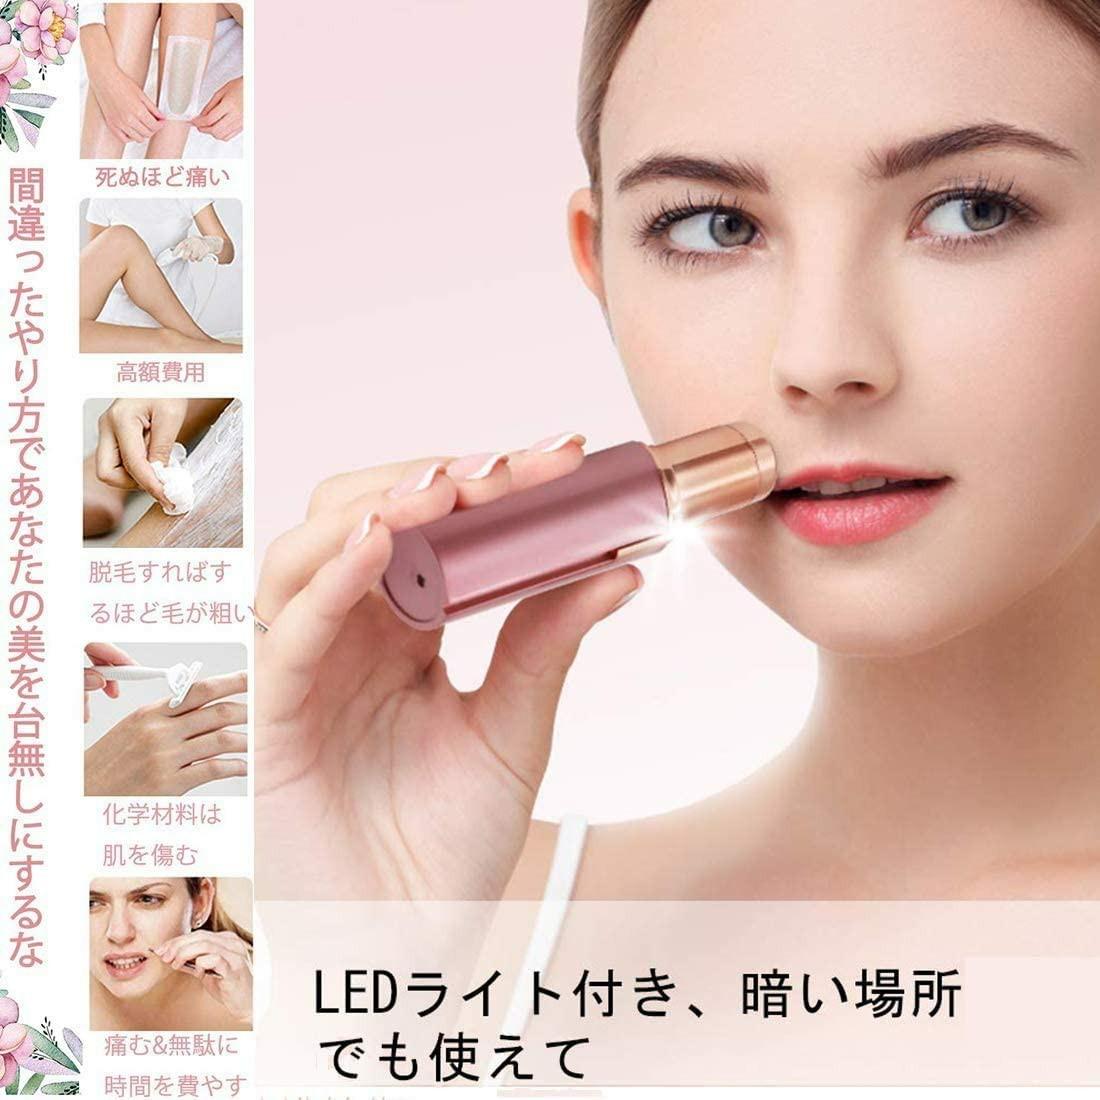 【ピンクとホワイト二色可選】レディースシェーバー 女性用シェーバー 電動 シェーバー フェイスシェーバー 脱毛器 顔剃り